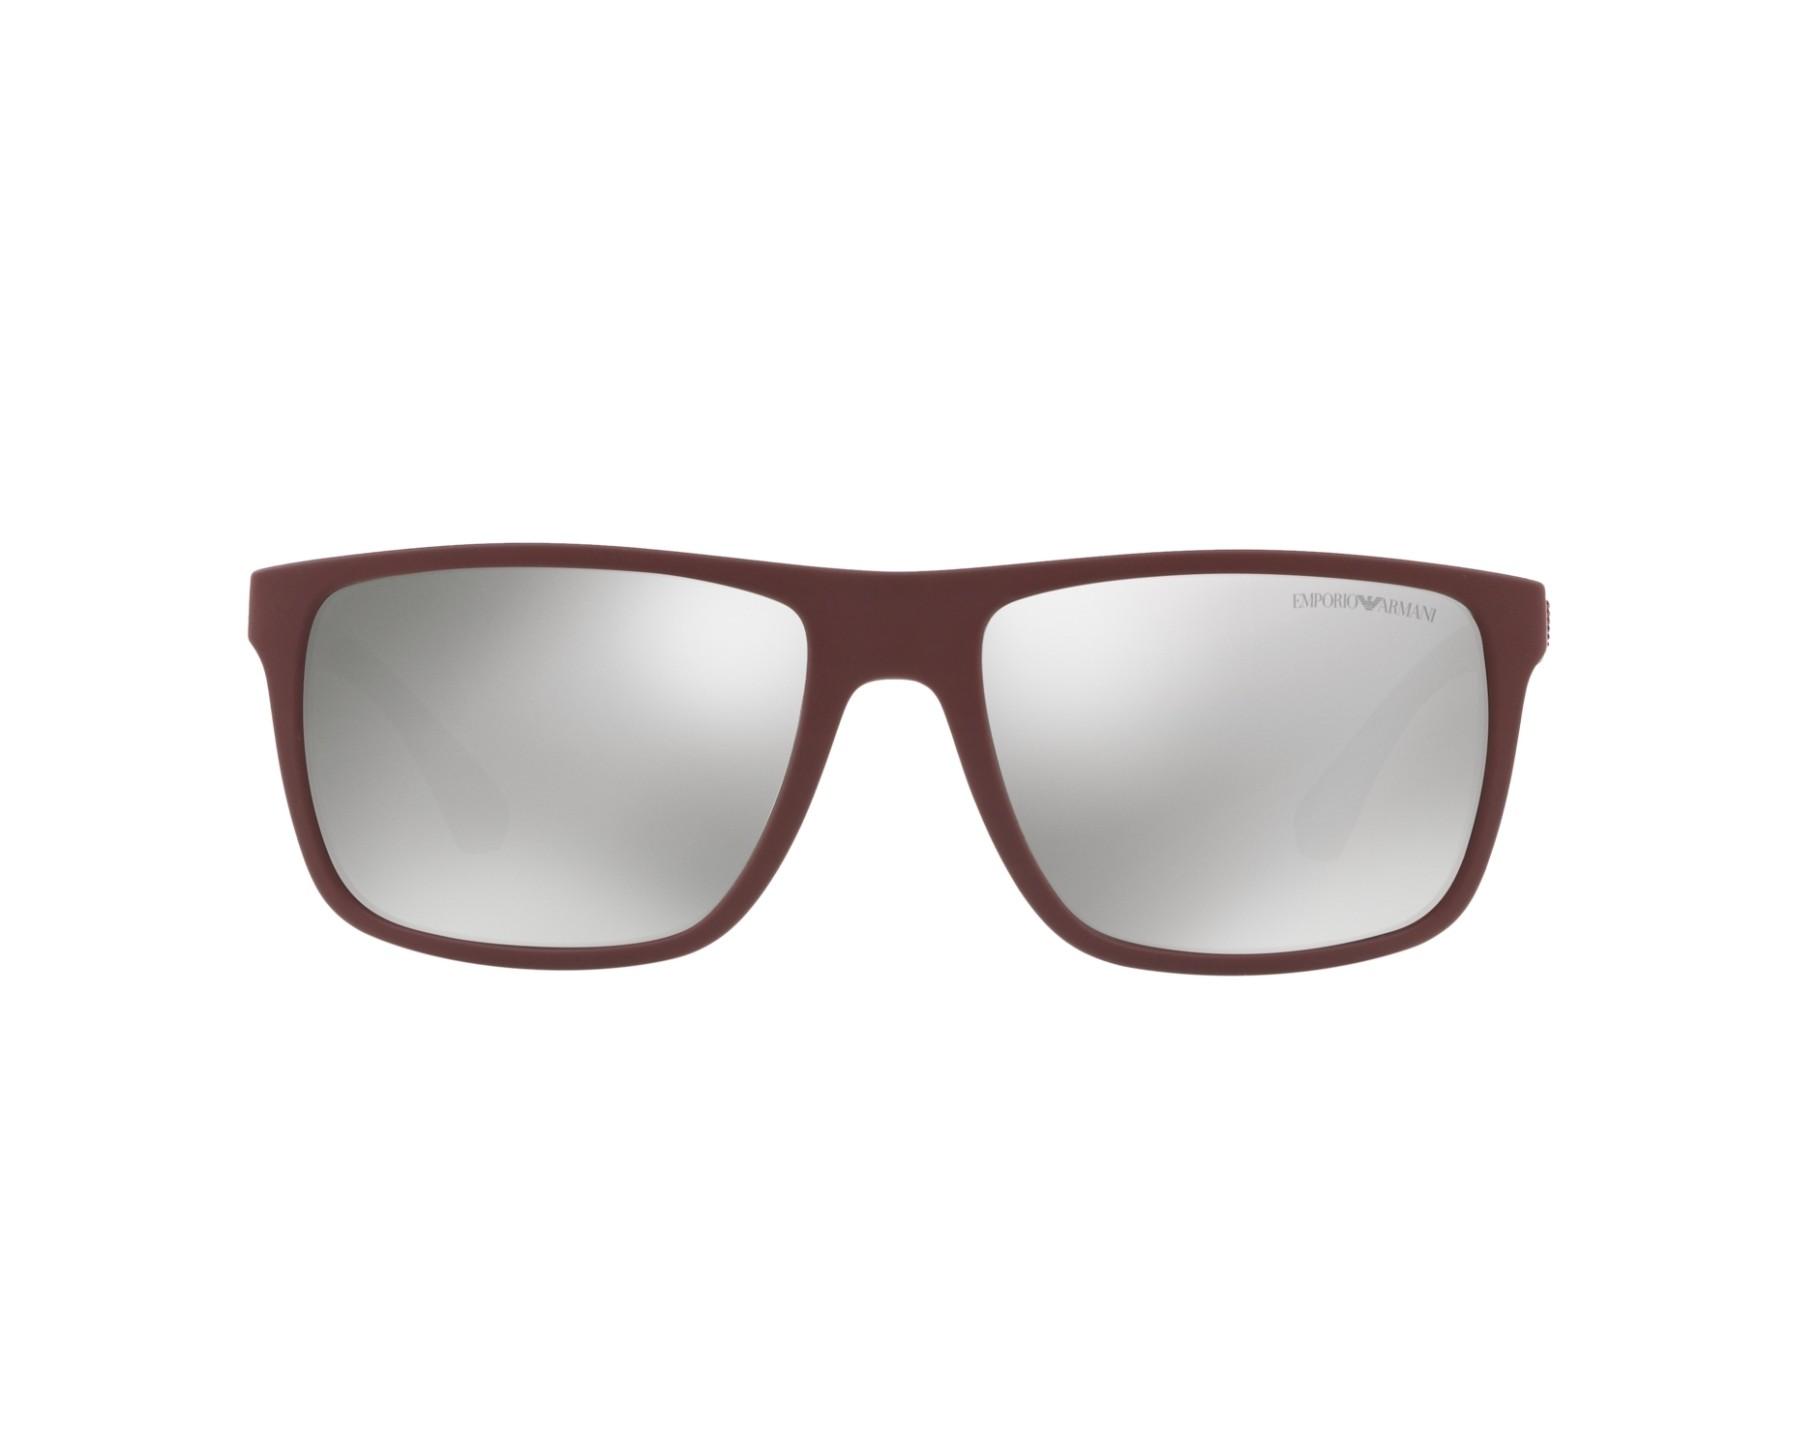 d24cb9c2ebb31 Sunglasses Emporio Armani EA-4033 56166G 56-17 Bordeaux Grey 360 degree  view 1